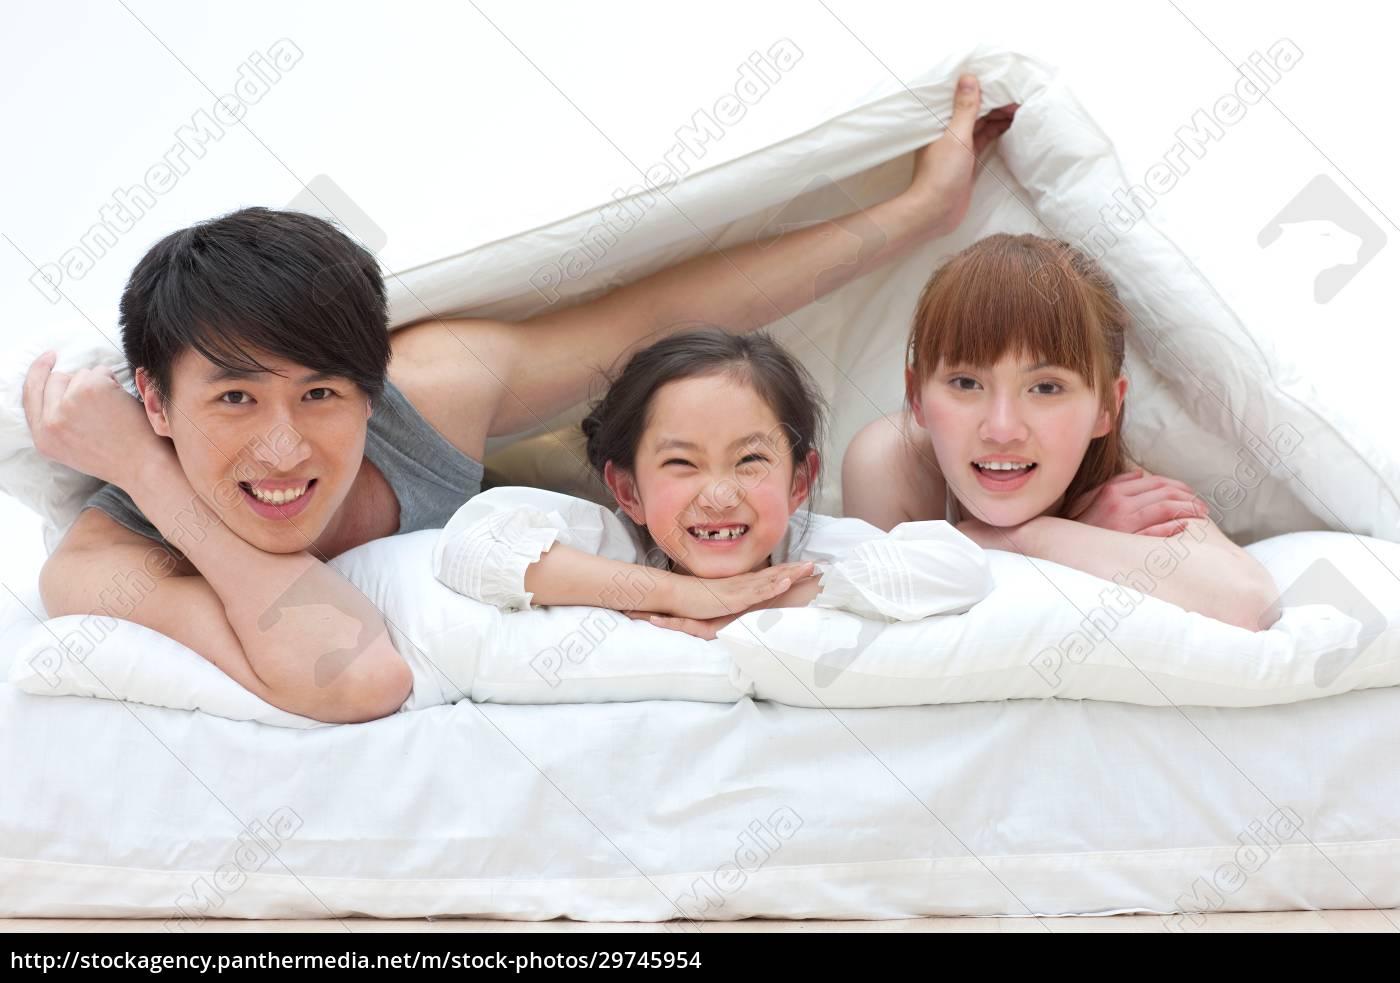 family, life - 29745954